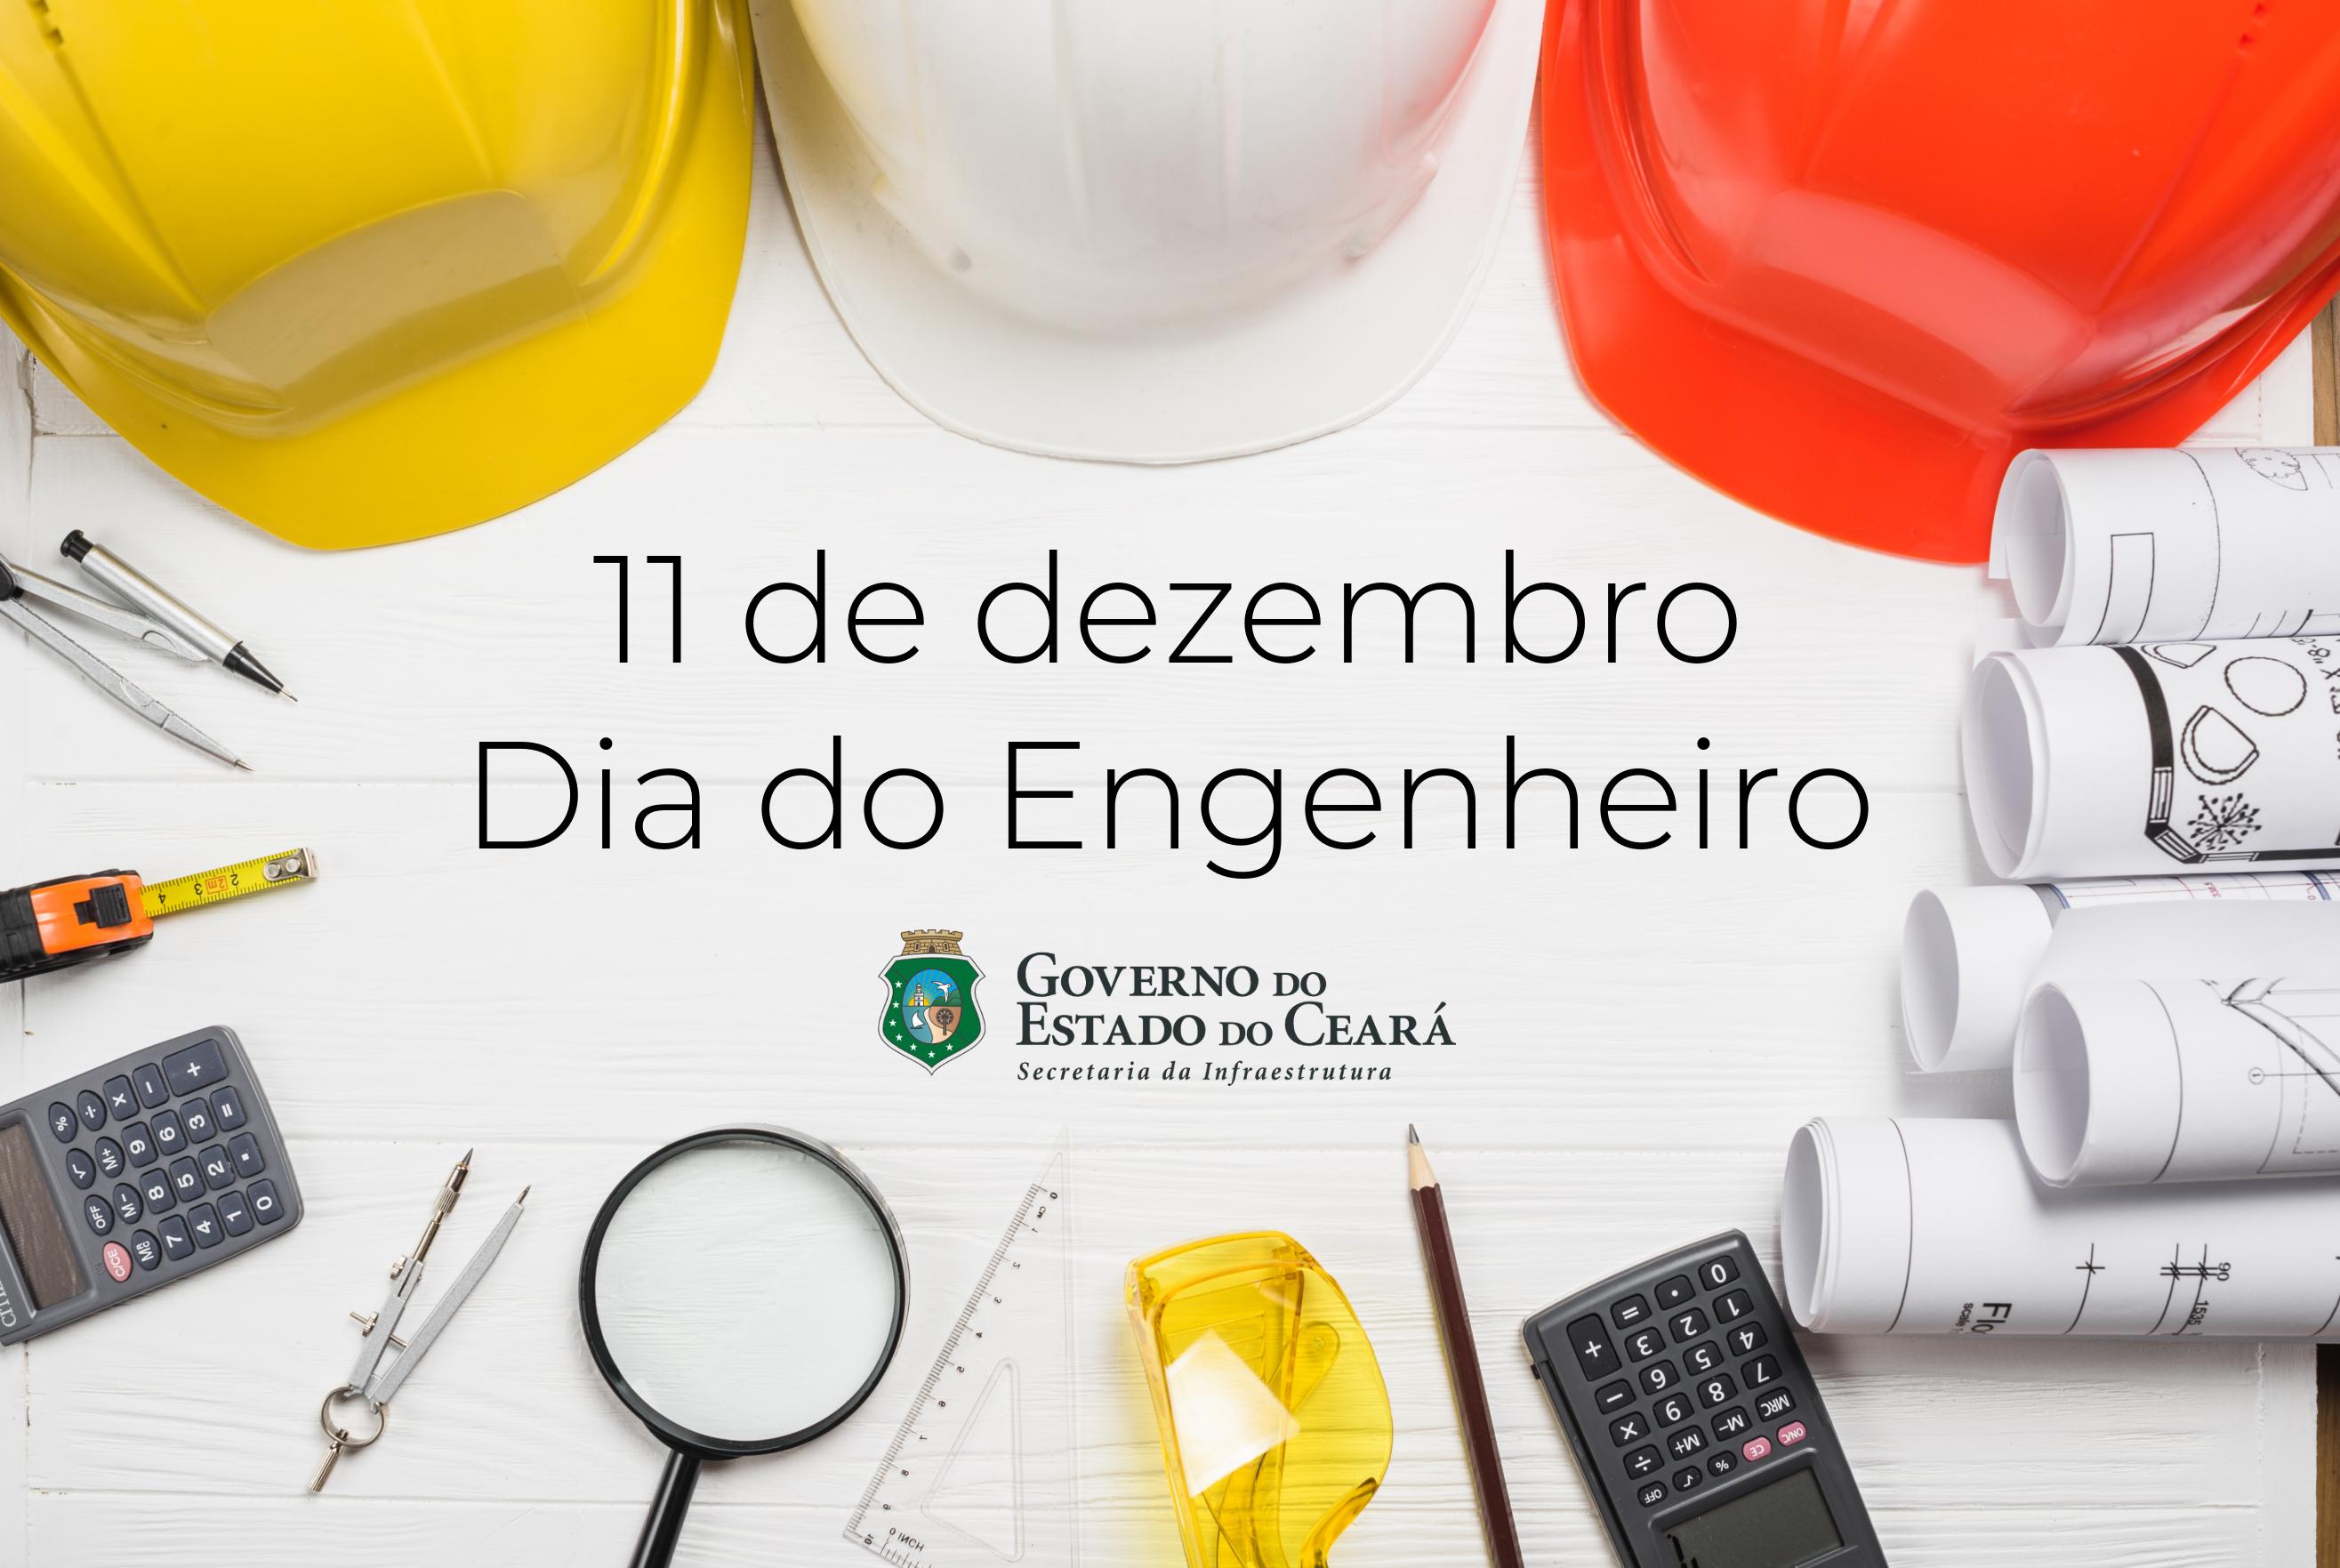 11 de dezembro – Dia do Engenheiro